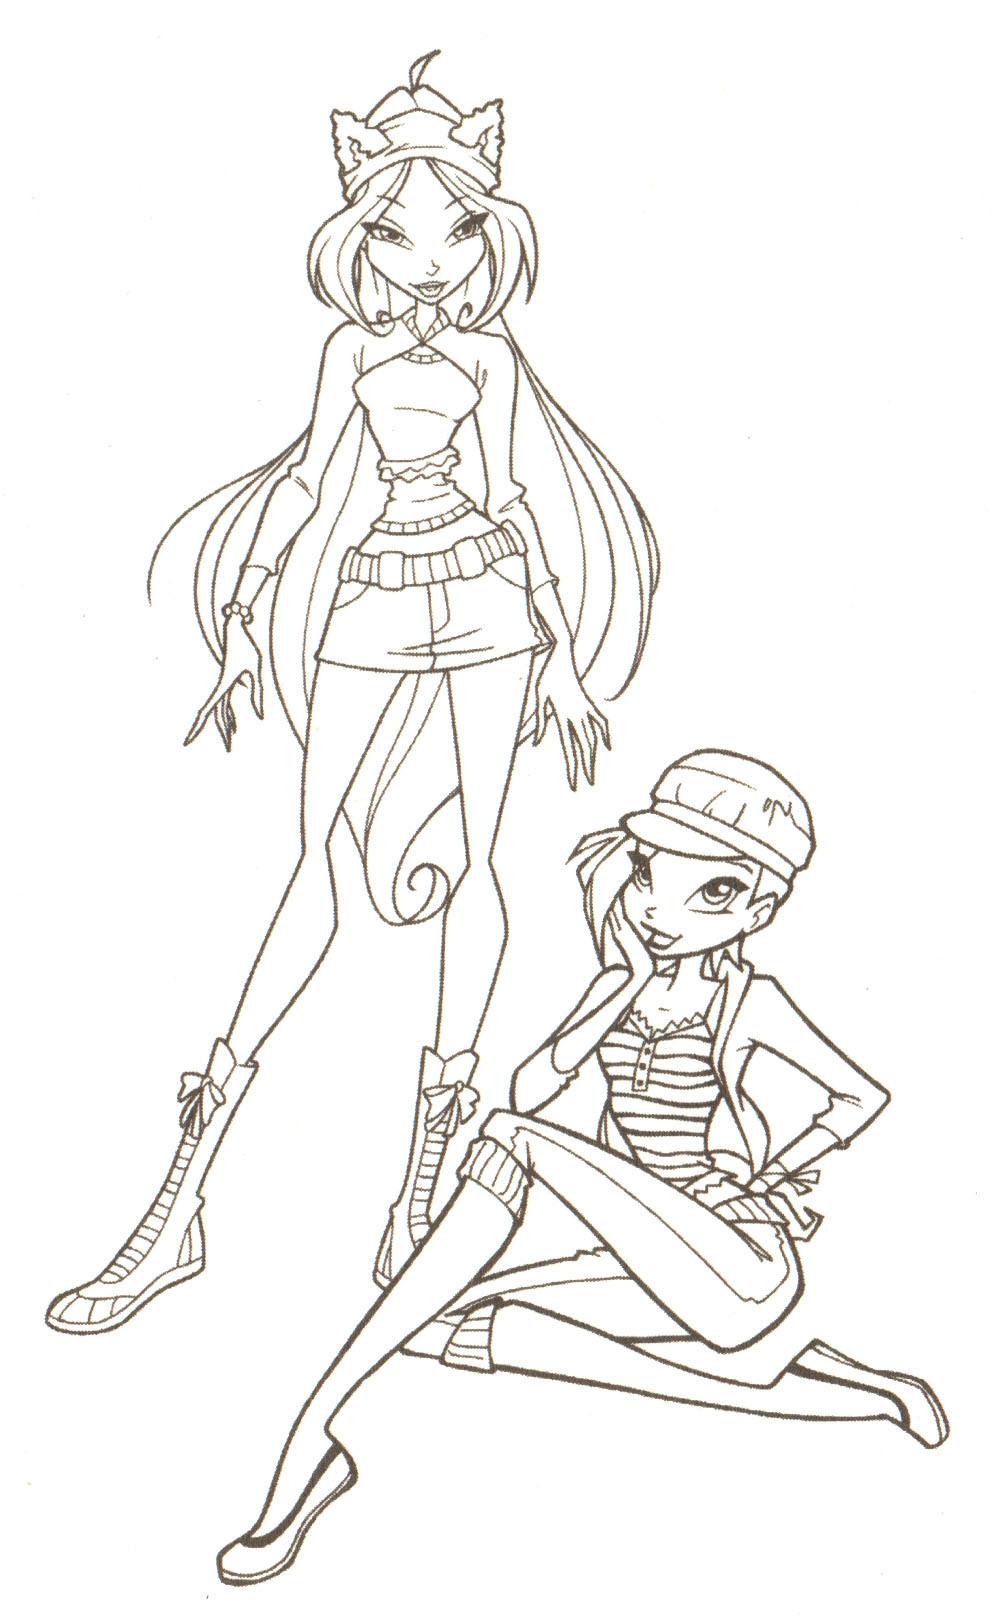 Winx и аниме раскраски (Coloring) +онлайн раскраска!